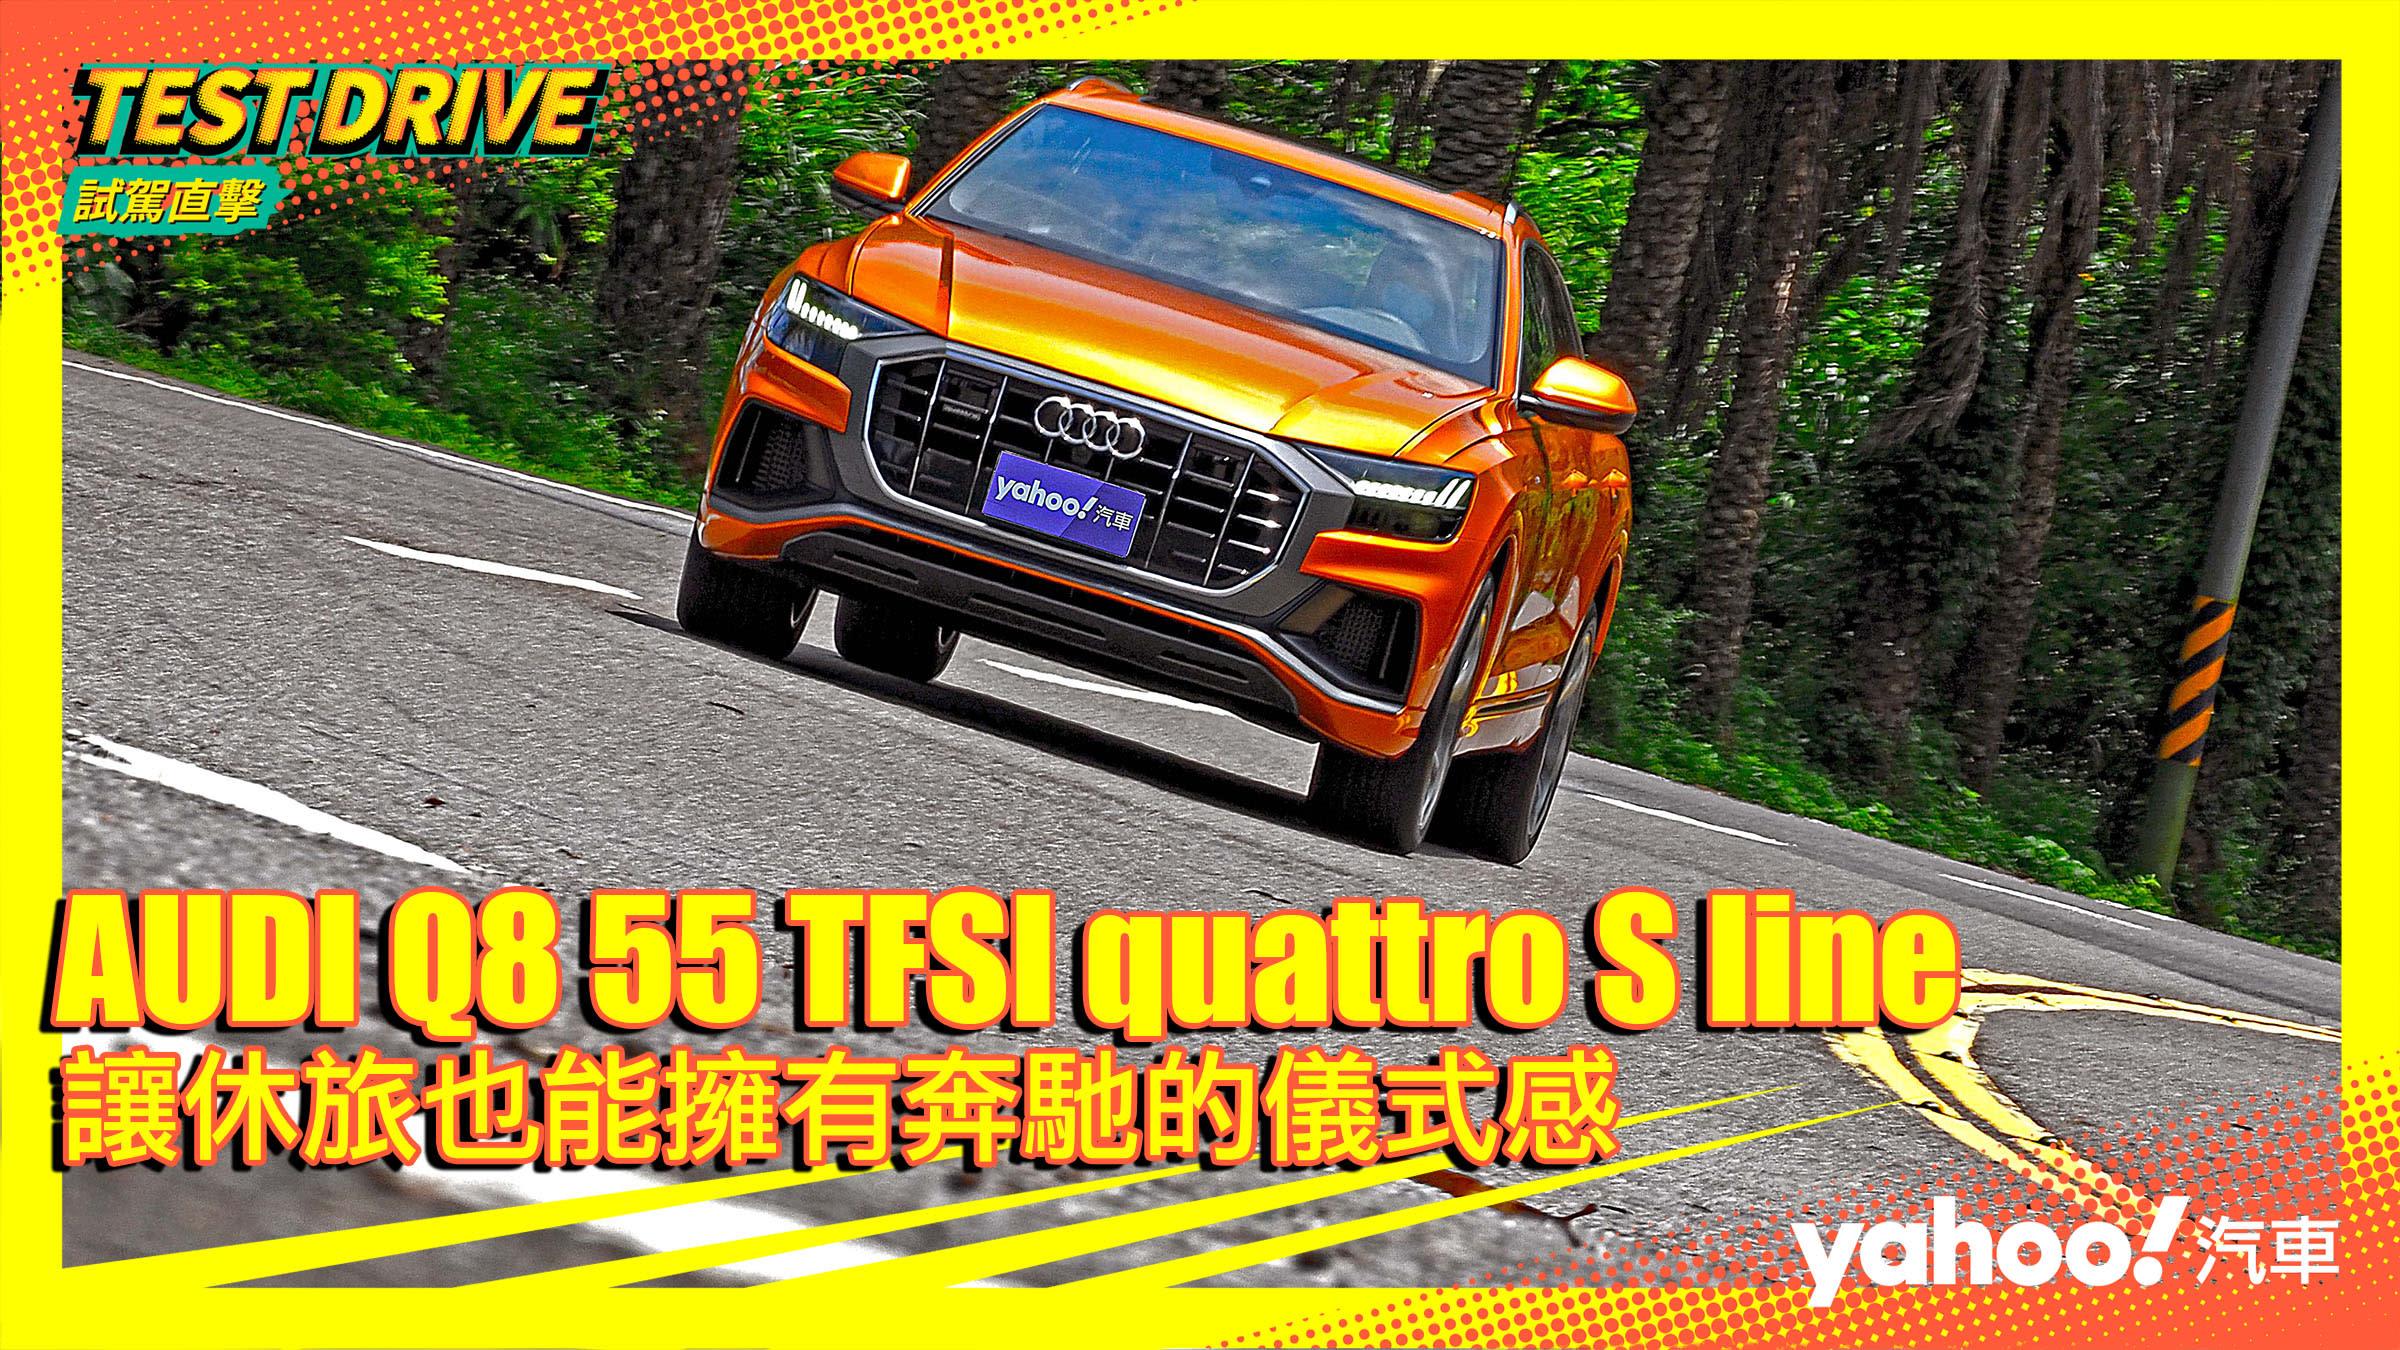 【試駕直擊】2021 Audi Q8 55 TFSI quattro S line海灣試駕!讓休旅也能擁有奔馳的儀式感